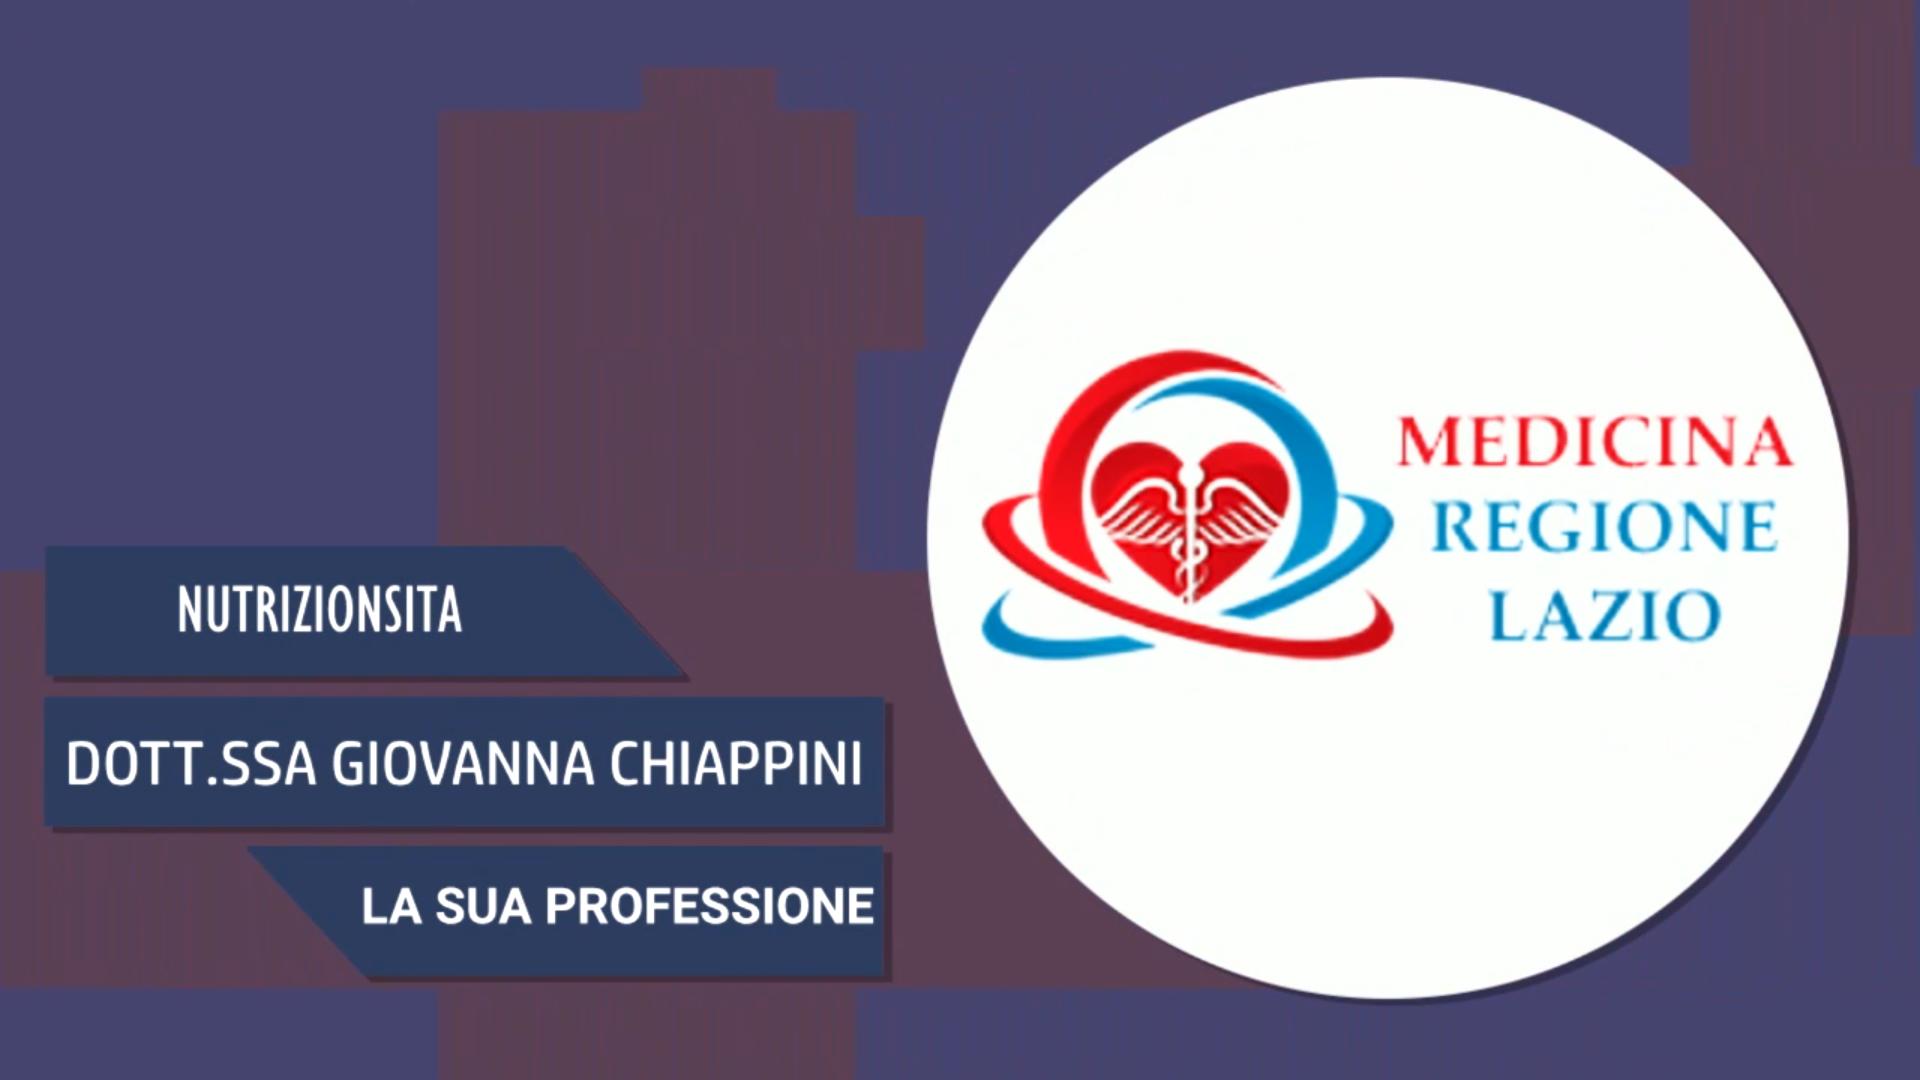 Intervista alla Dott.ssa Giovanna Chiappini – La sua professione